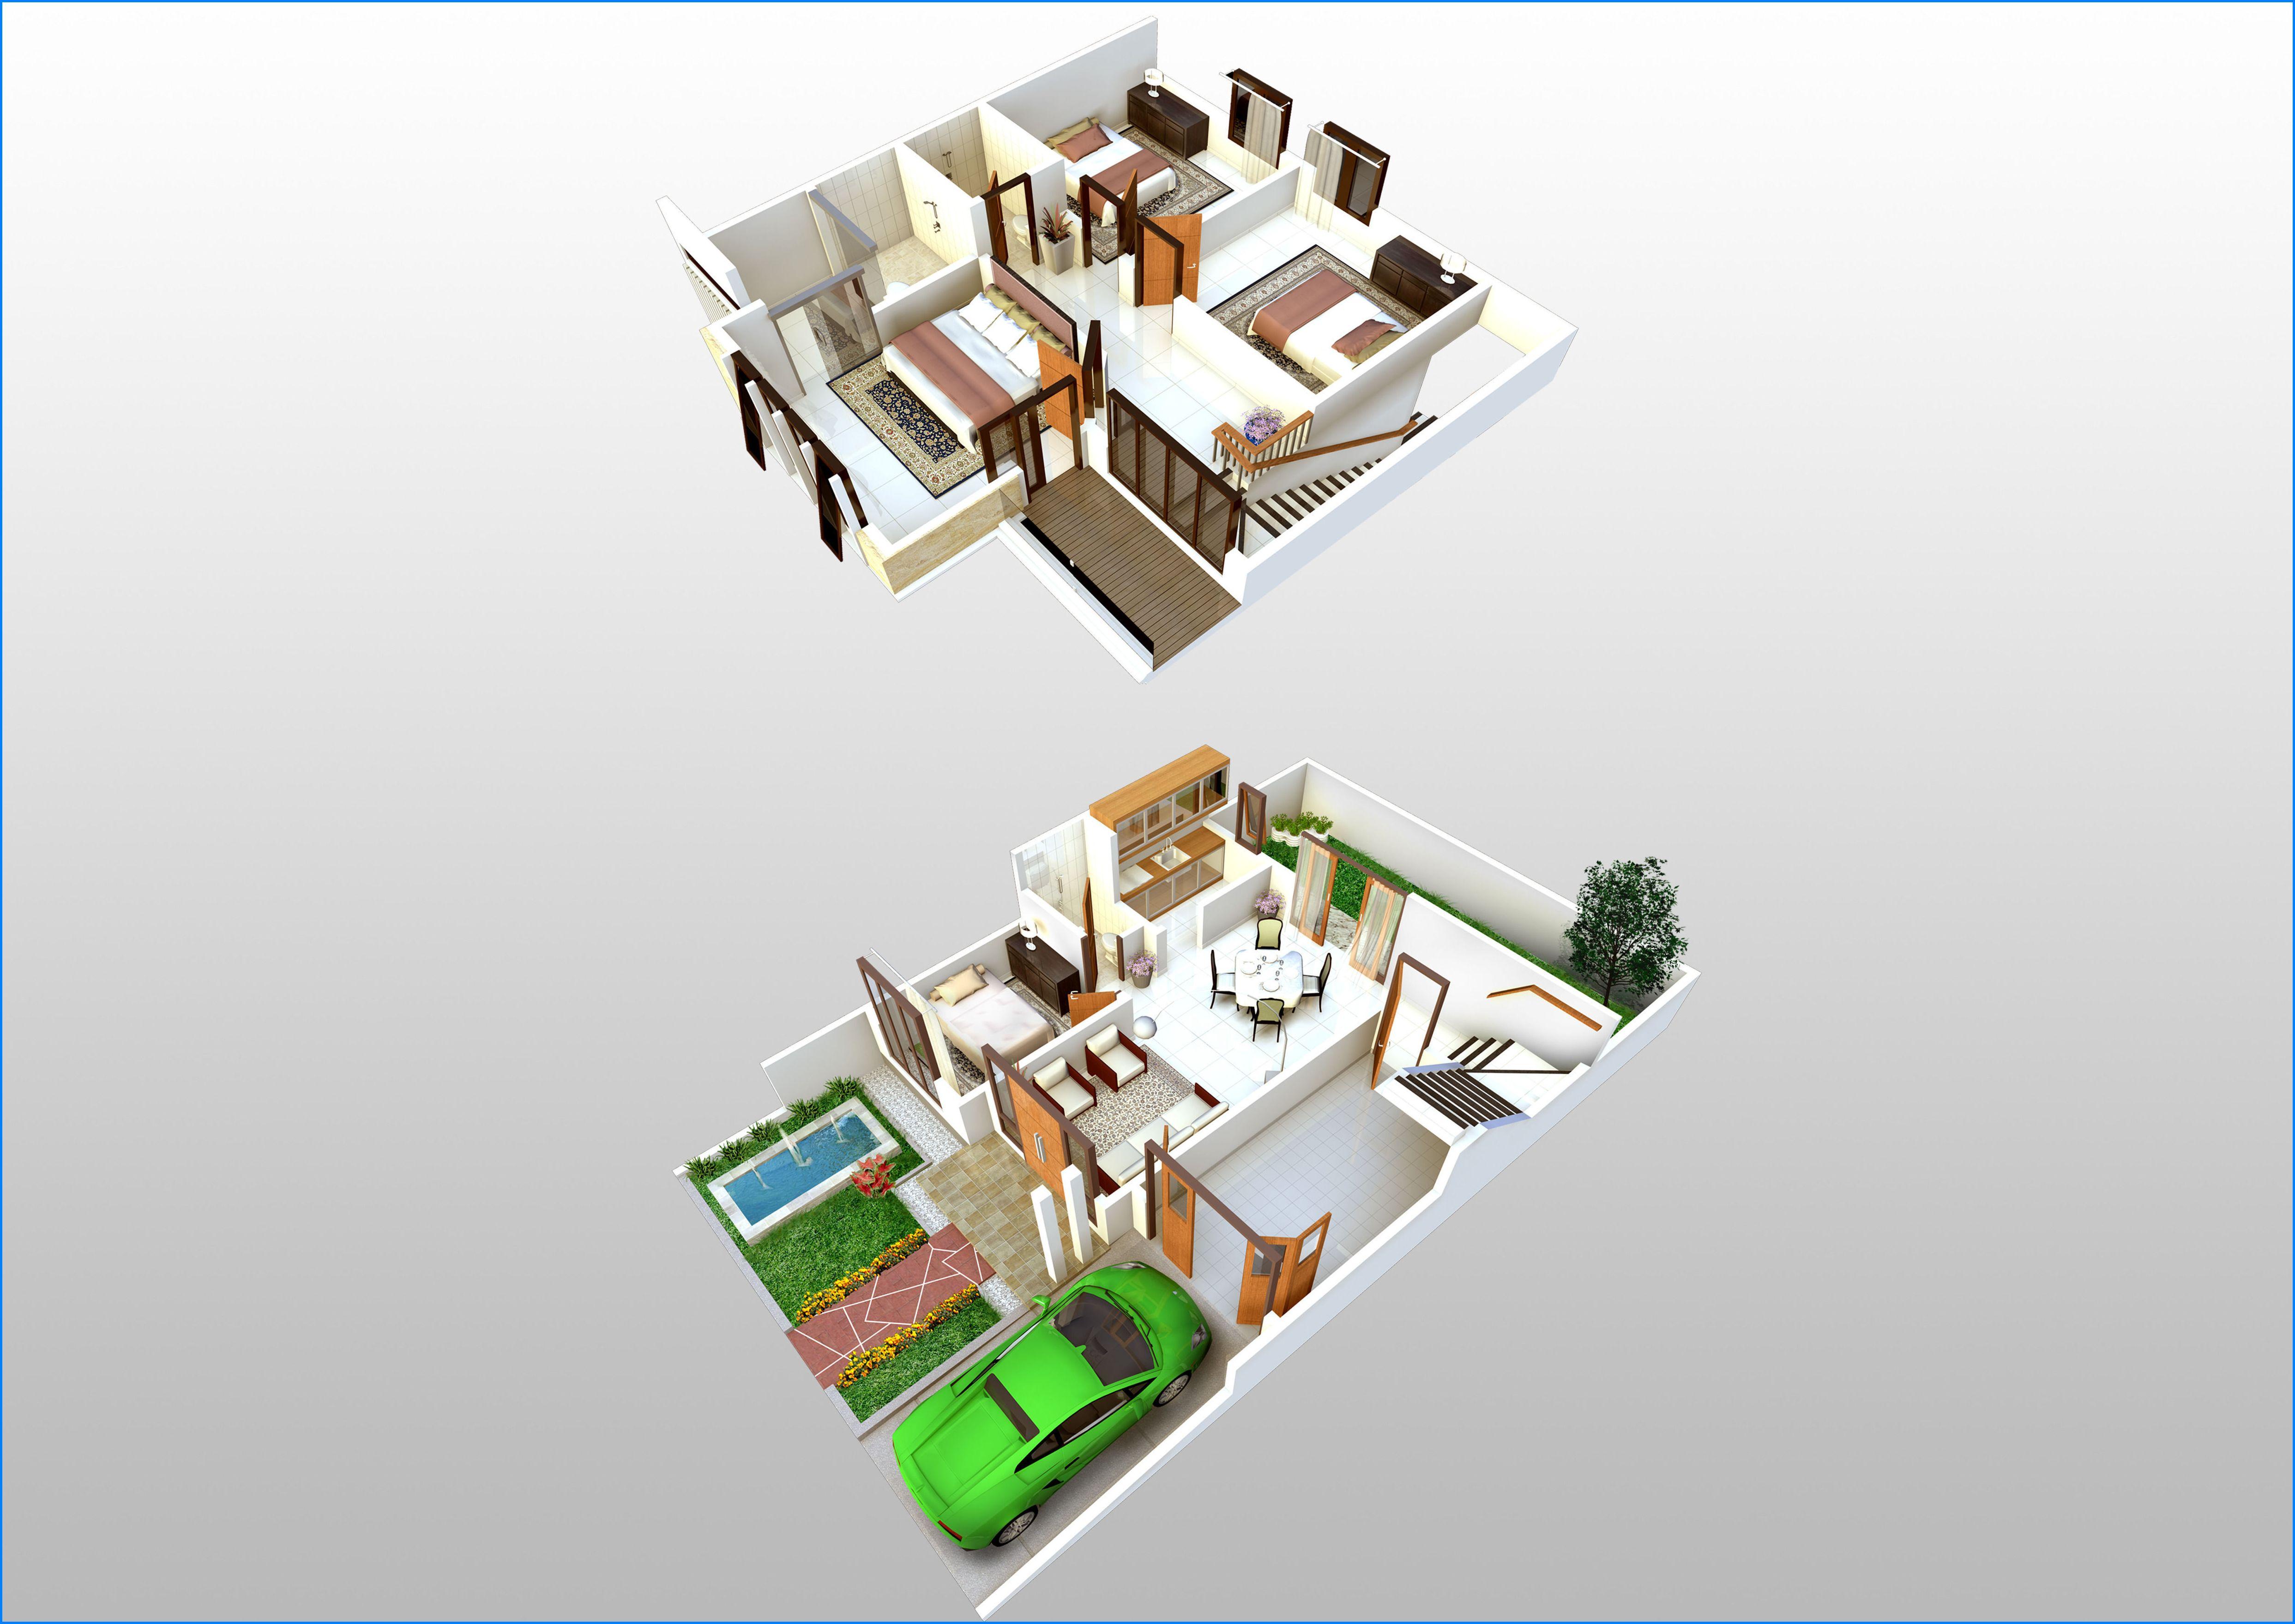 14 Denah Rumah Minimalis 2 Lantai Modern Sederhana 2017 Dekor Rumah